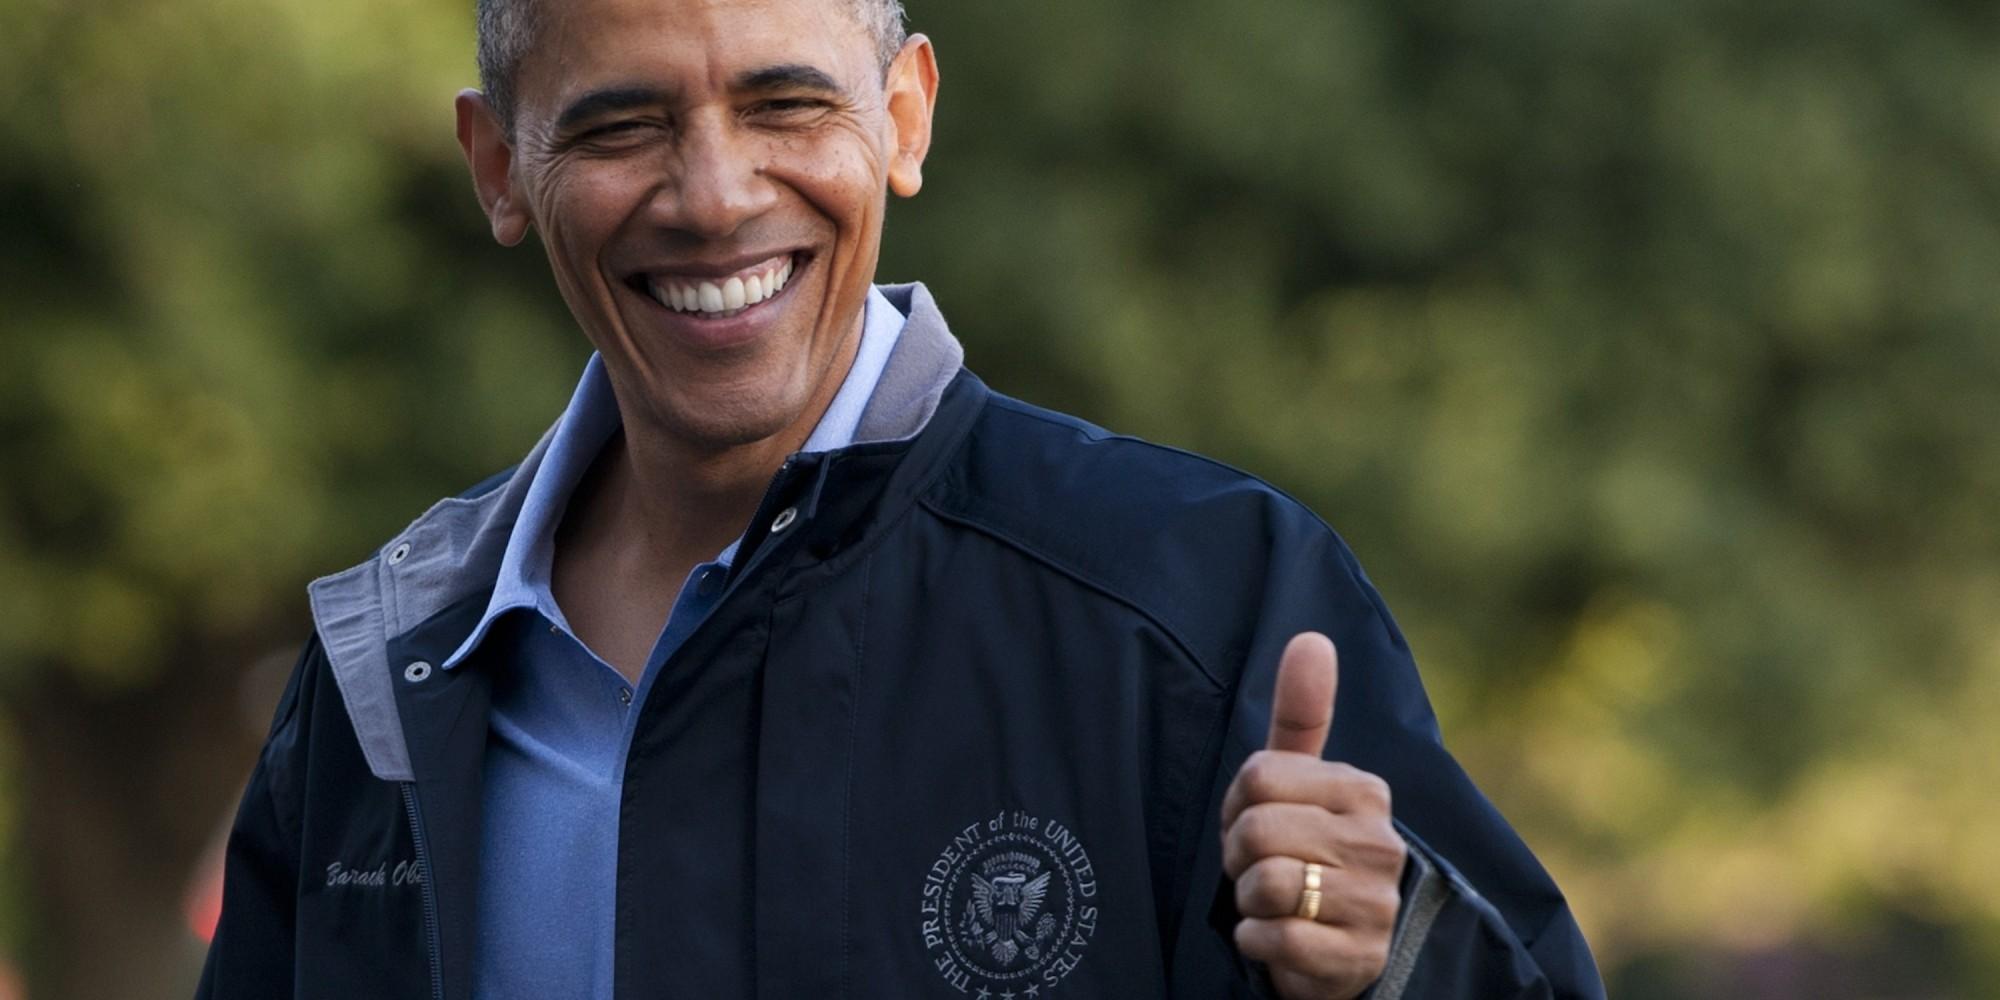 「アニメGIF・オブ・ザ・イヤー」栄えある最優秀賞作品はオバマ大統領の.... シェア  「アニ